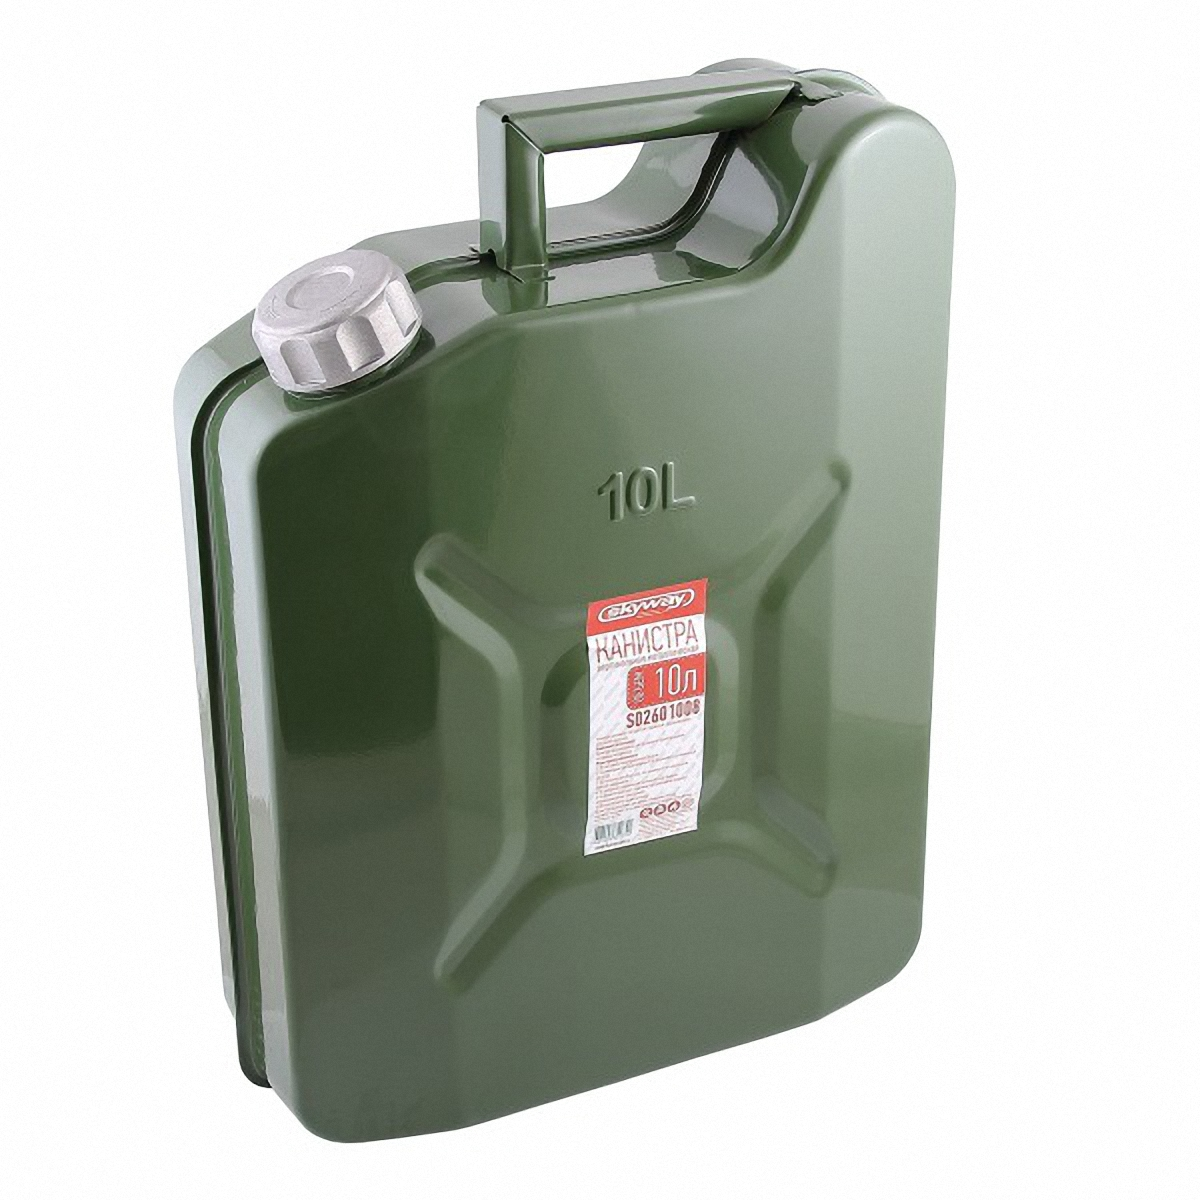 Канистра Skyway, 10лS02601008Металлическая канистра предназначена для хранения жидкостей, в том числе топлива и топливных смесей. Изготовлена из стали холодного проката, что обеспечивает повышенную прочность. Внешняя поверхность оцинкована и окрашена. Внутреннее фосфатированное антикорозийное покрытие препятствует образованию ржавчины. Ребра жесткости на боковых поверхностях канистры придают ей прочность при механических воздействиях.Устойчивая конструкция канистры предотвращает ее перемещение в багажнике при интенсивном движении, снижая уровень нежелательного шума. Форма профиля резьбы предохраняет содержимое от протекания. Специализированная форма носика исключает проливание жидкости. В комплет канистры входит трубка-лейка, что позволяет наполнить любую неудобно расположенную емкость.